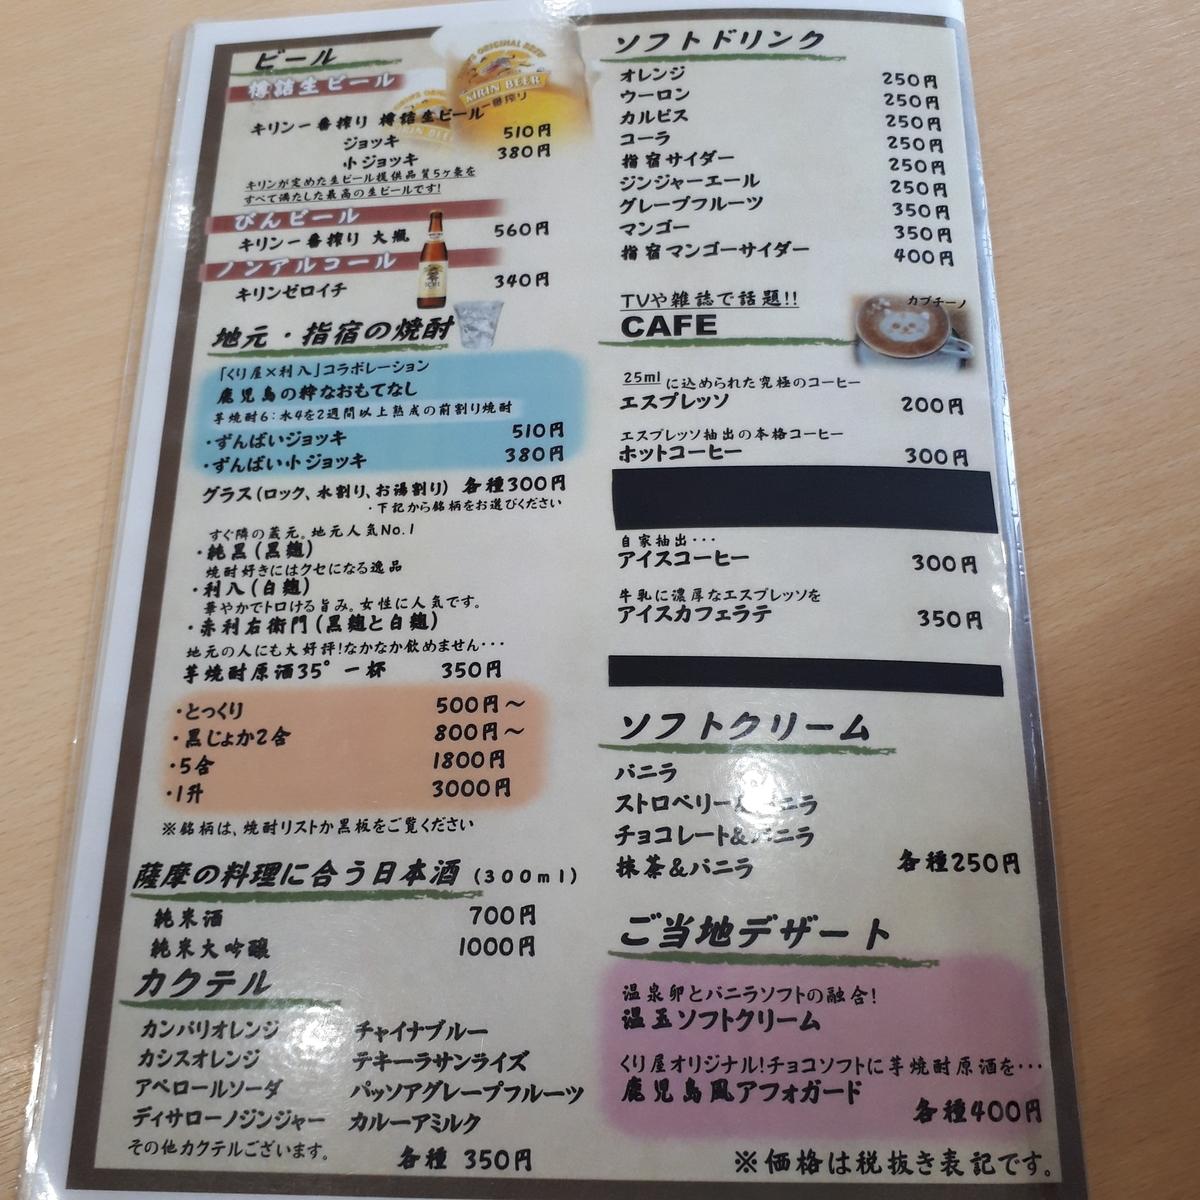 山川駅前 旅館 くり屋 食堂 ドリンクメニュー